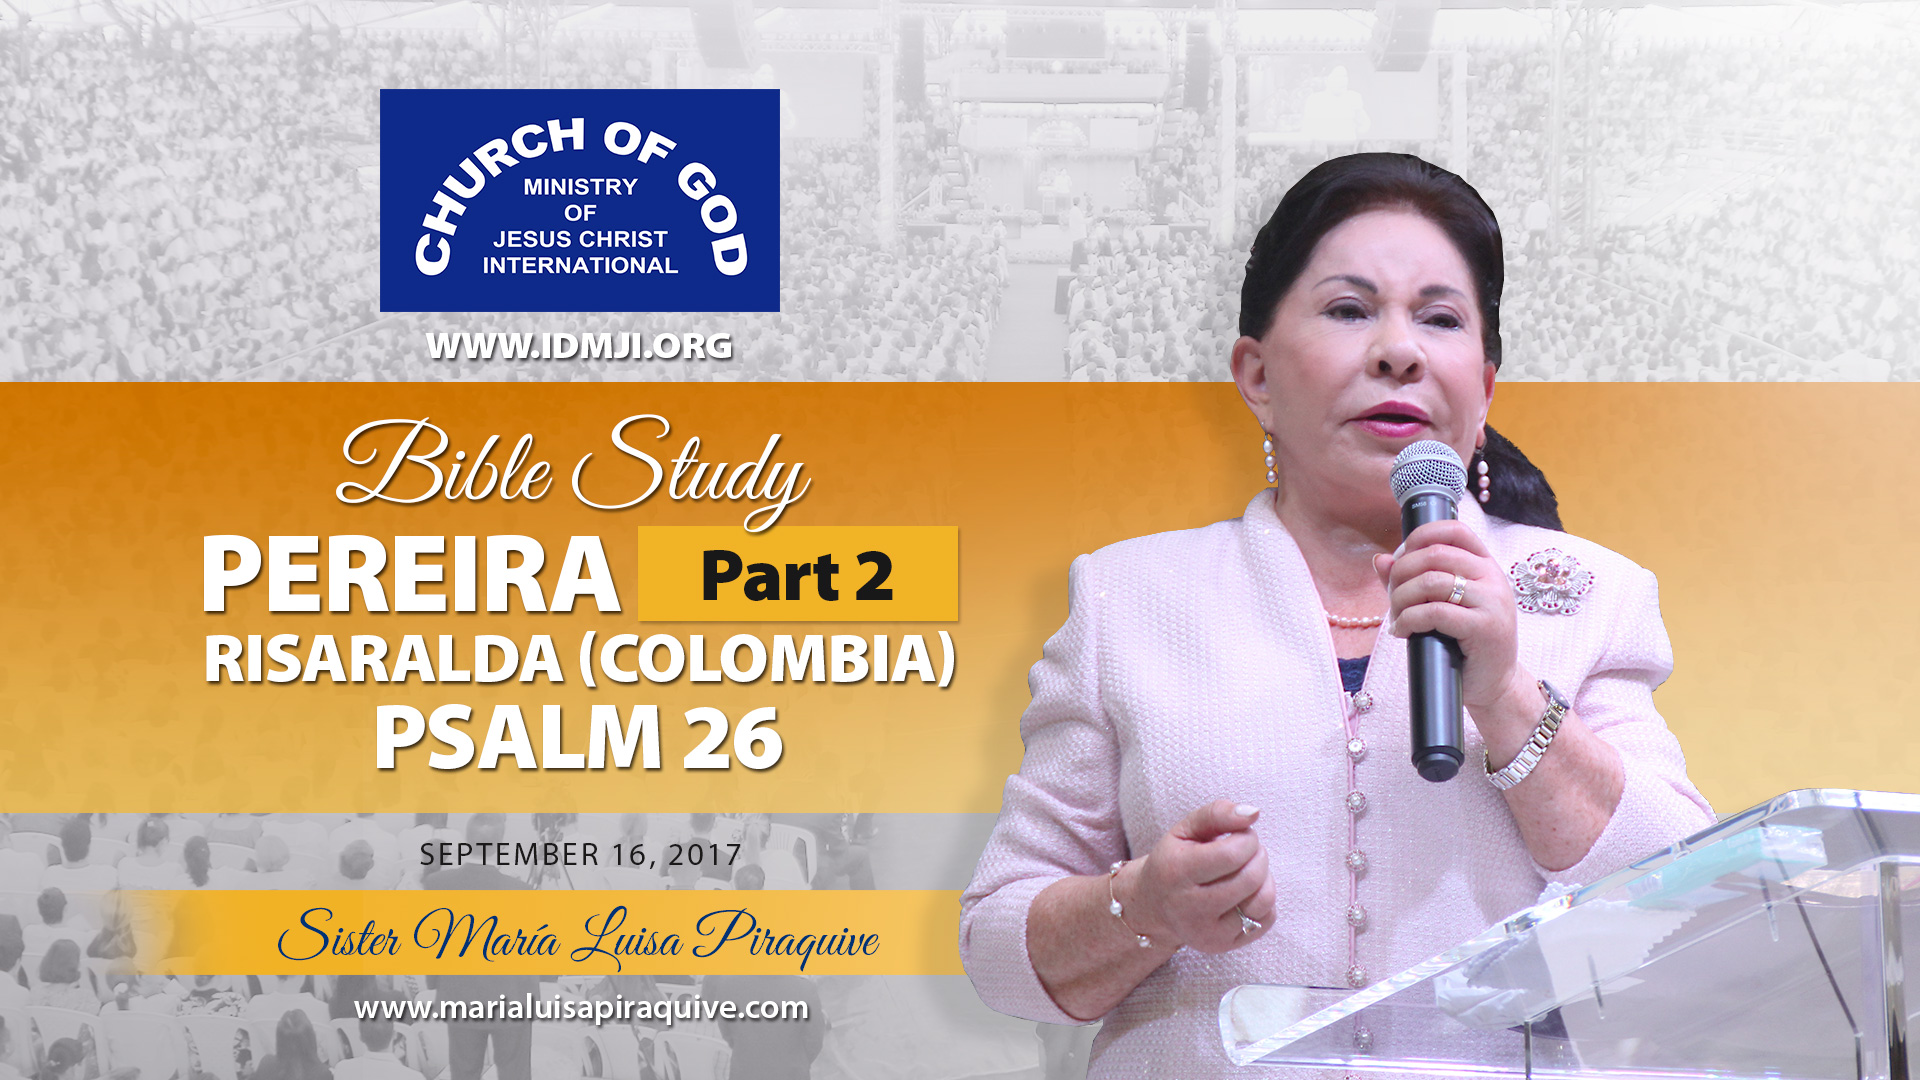 Bible Study: Pereira Part 2